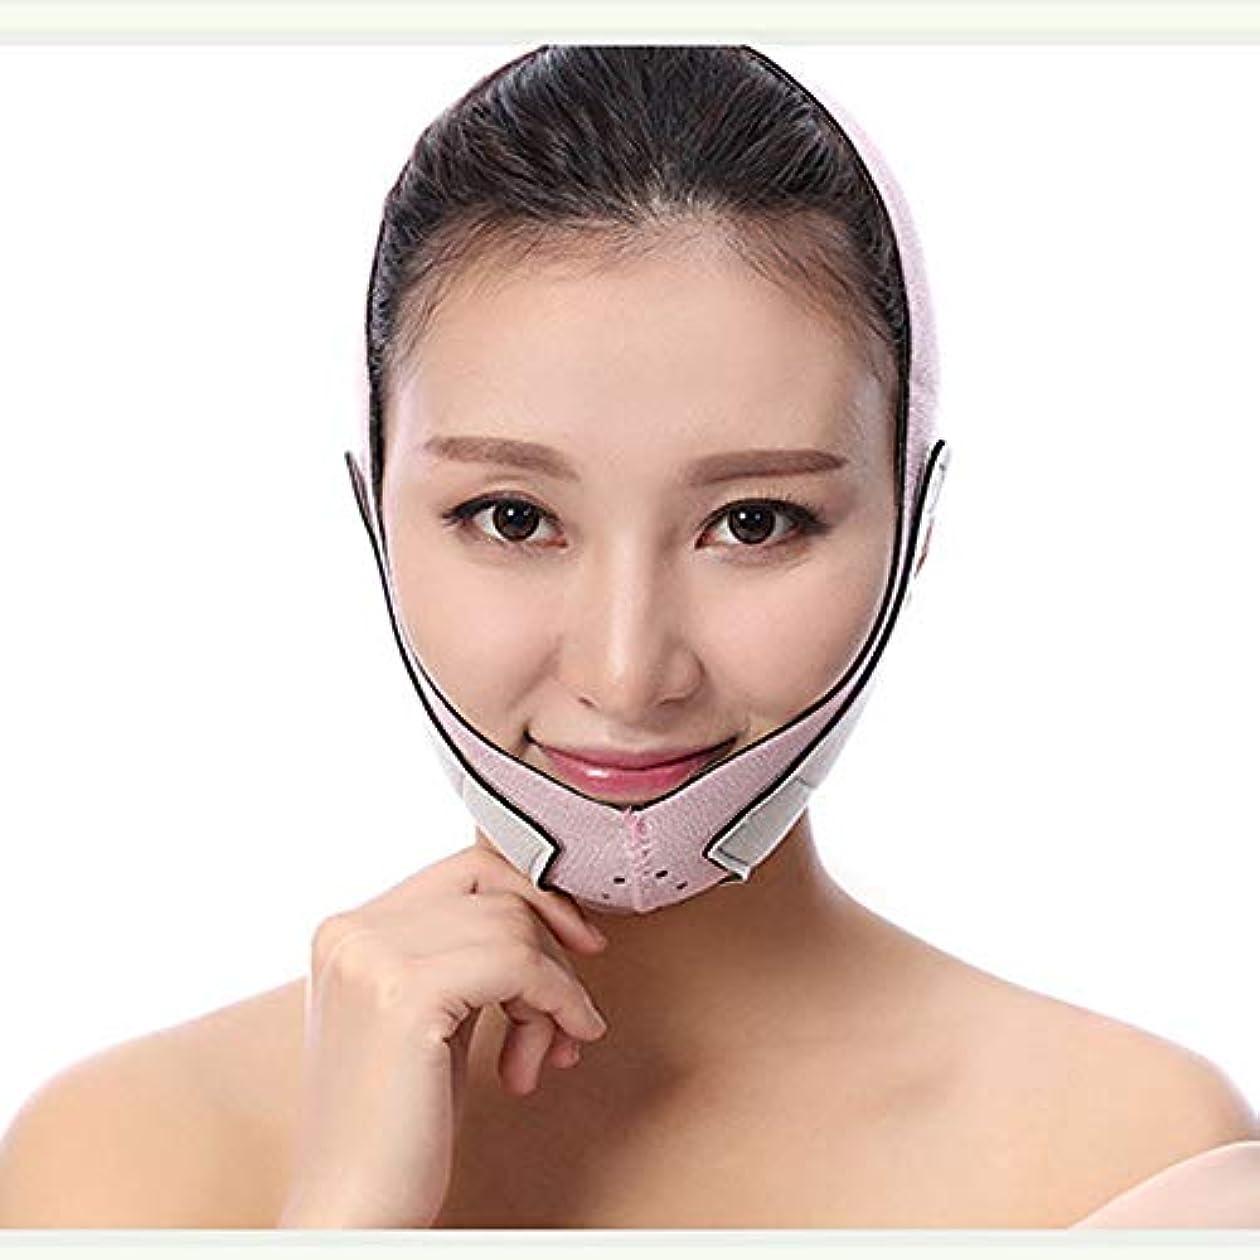 下線段階不十分ユニセックス薄型フェイス包帯、美容リフト引き締めサイズVフェイスダブルあご睡眠マスク(ピンク)